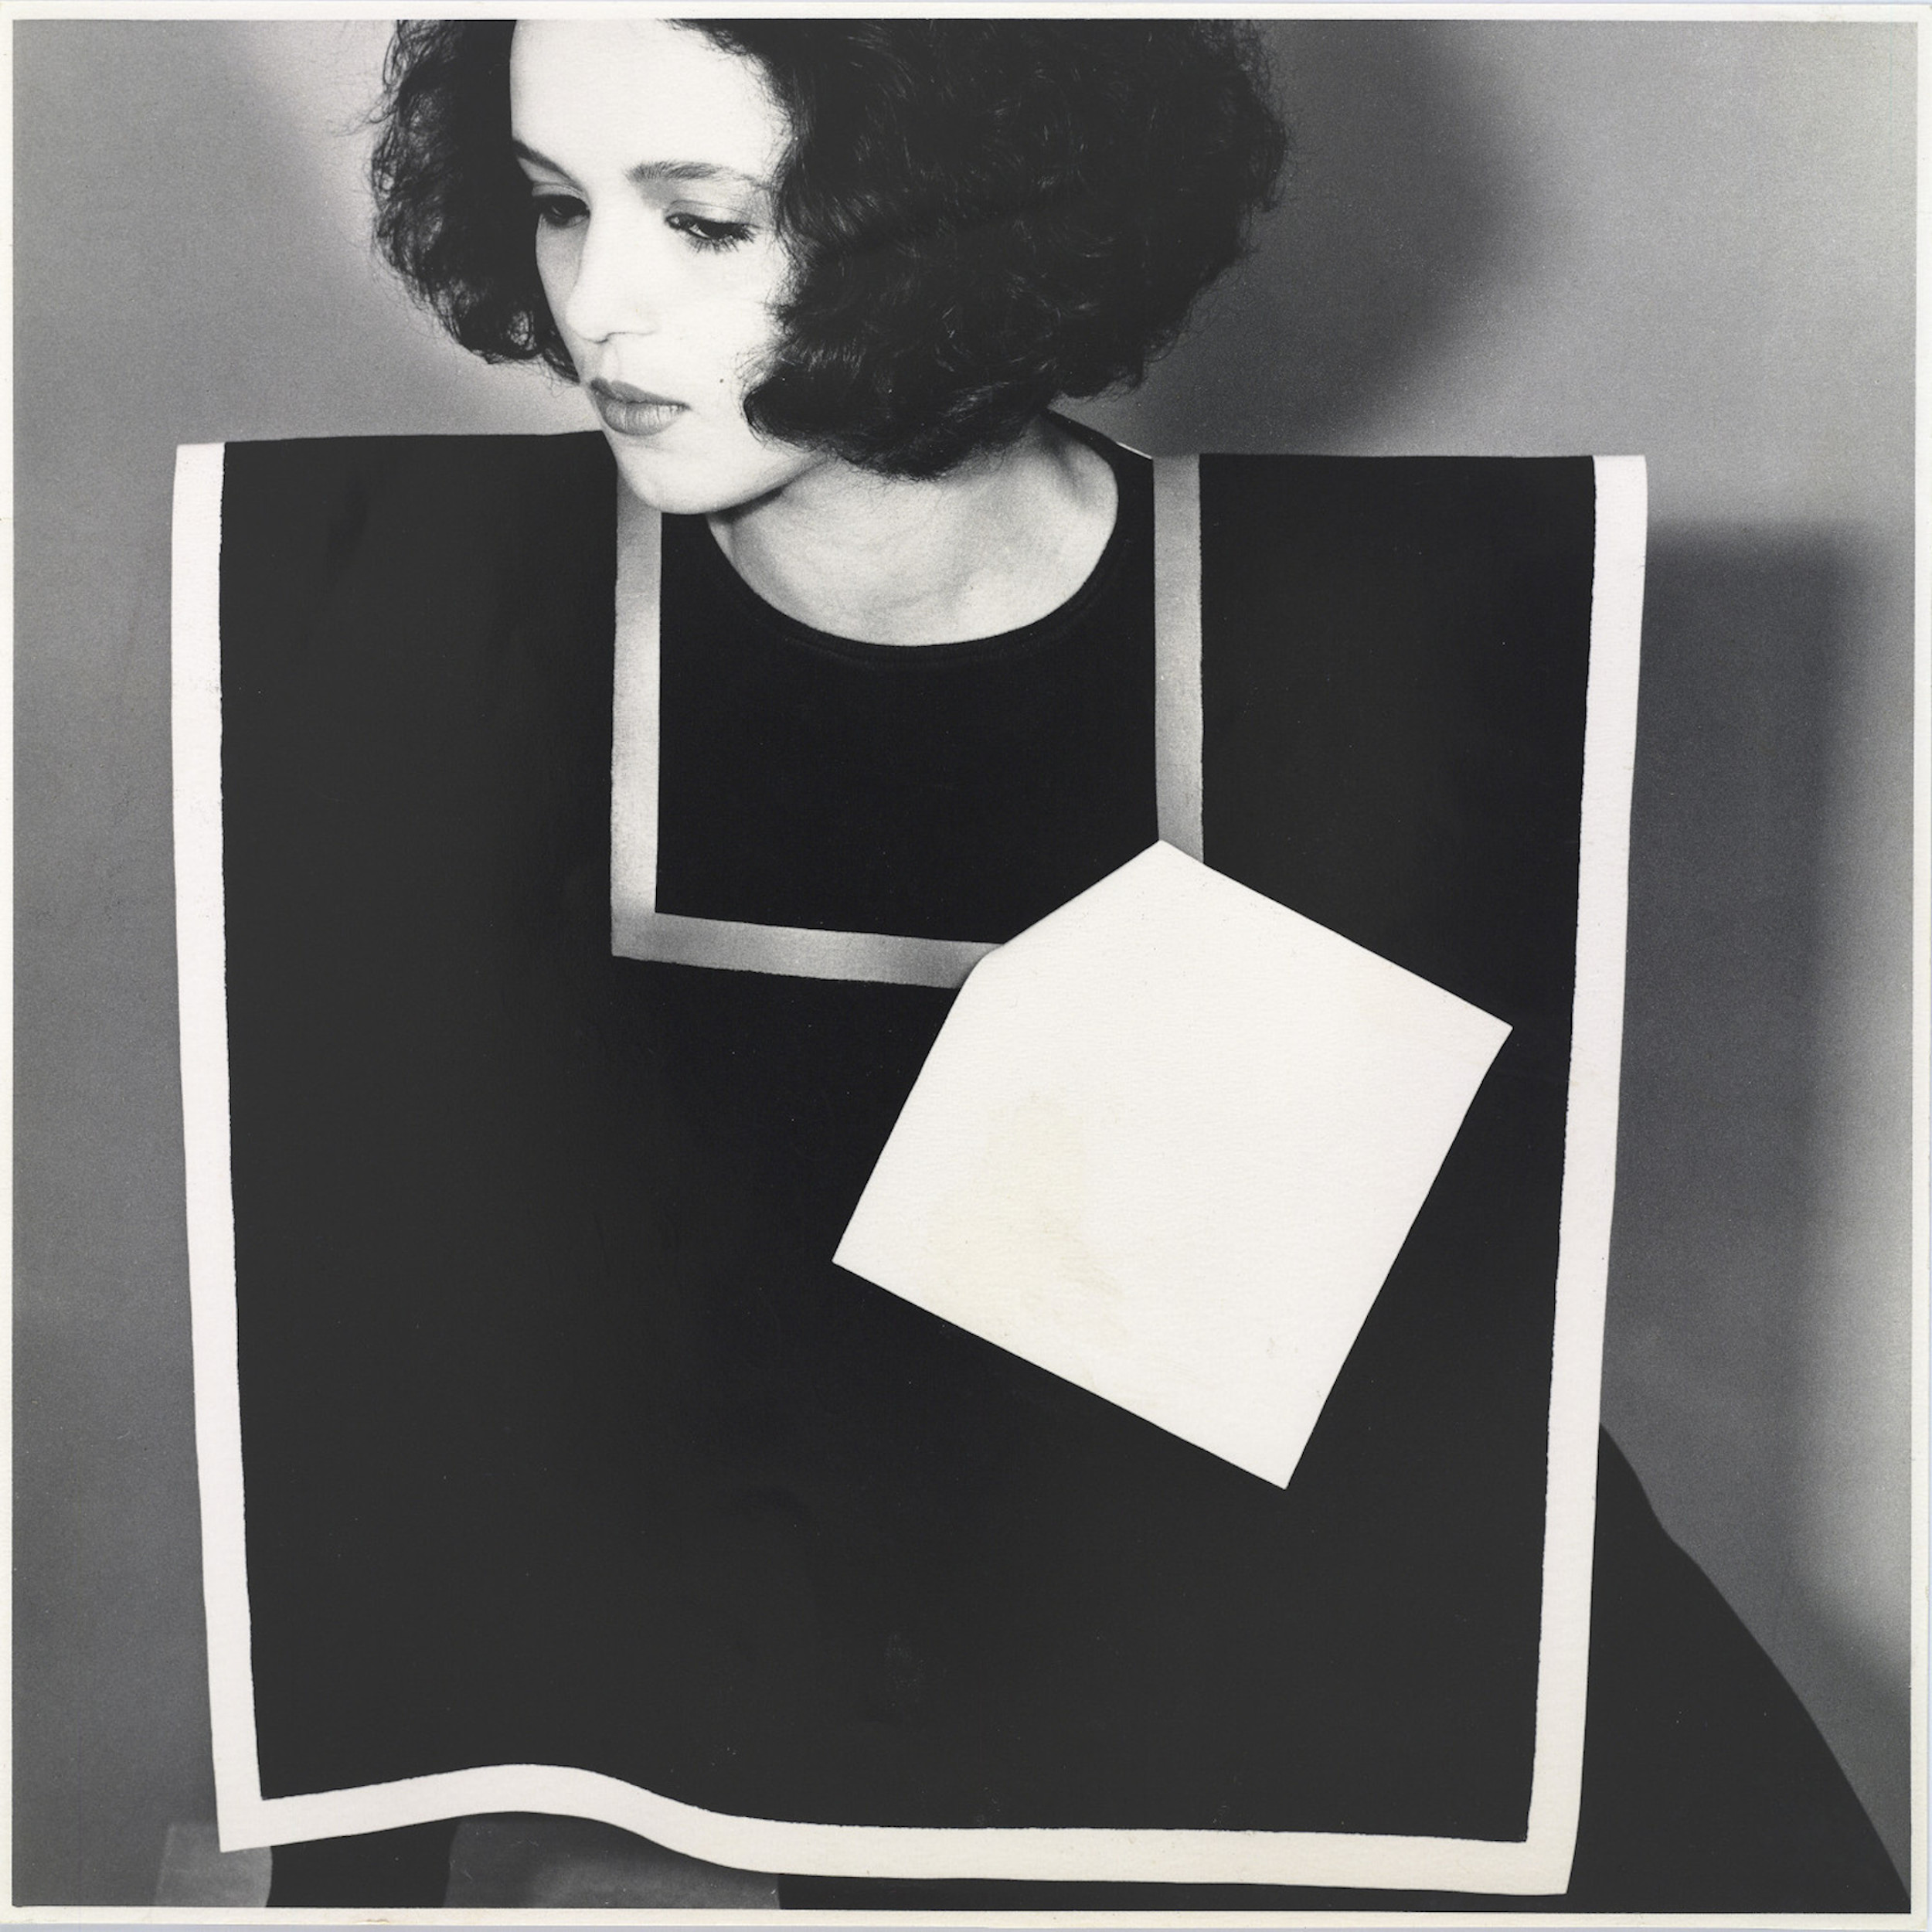 Claudie Berbée en Joke Brakman, Over-all 5a, Rechthoek met halsuitsnijding, 1983, textiel. Foto Anna Beeke, 1983